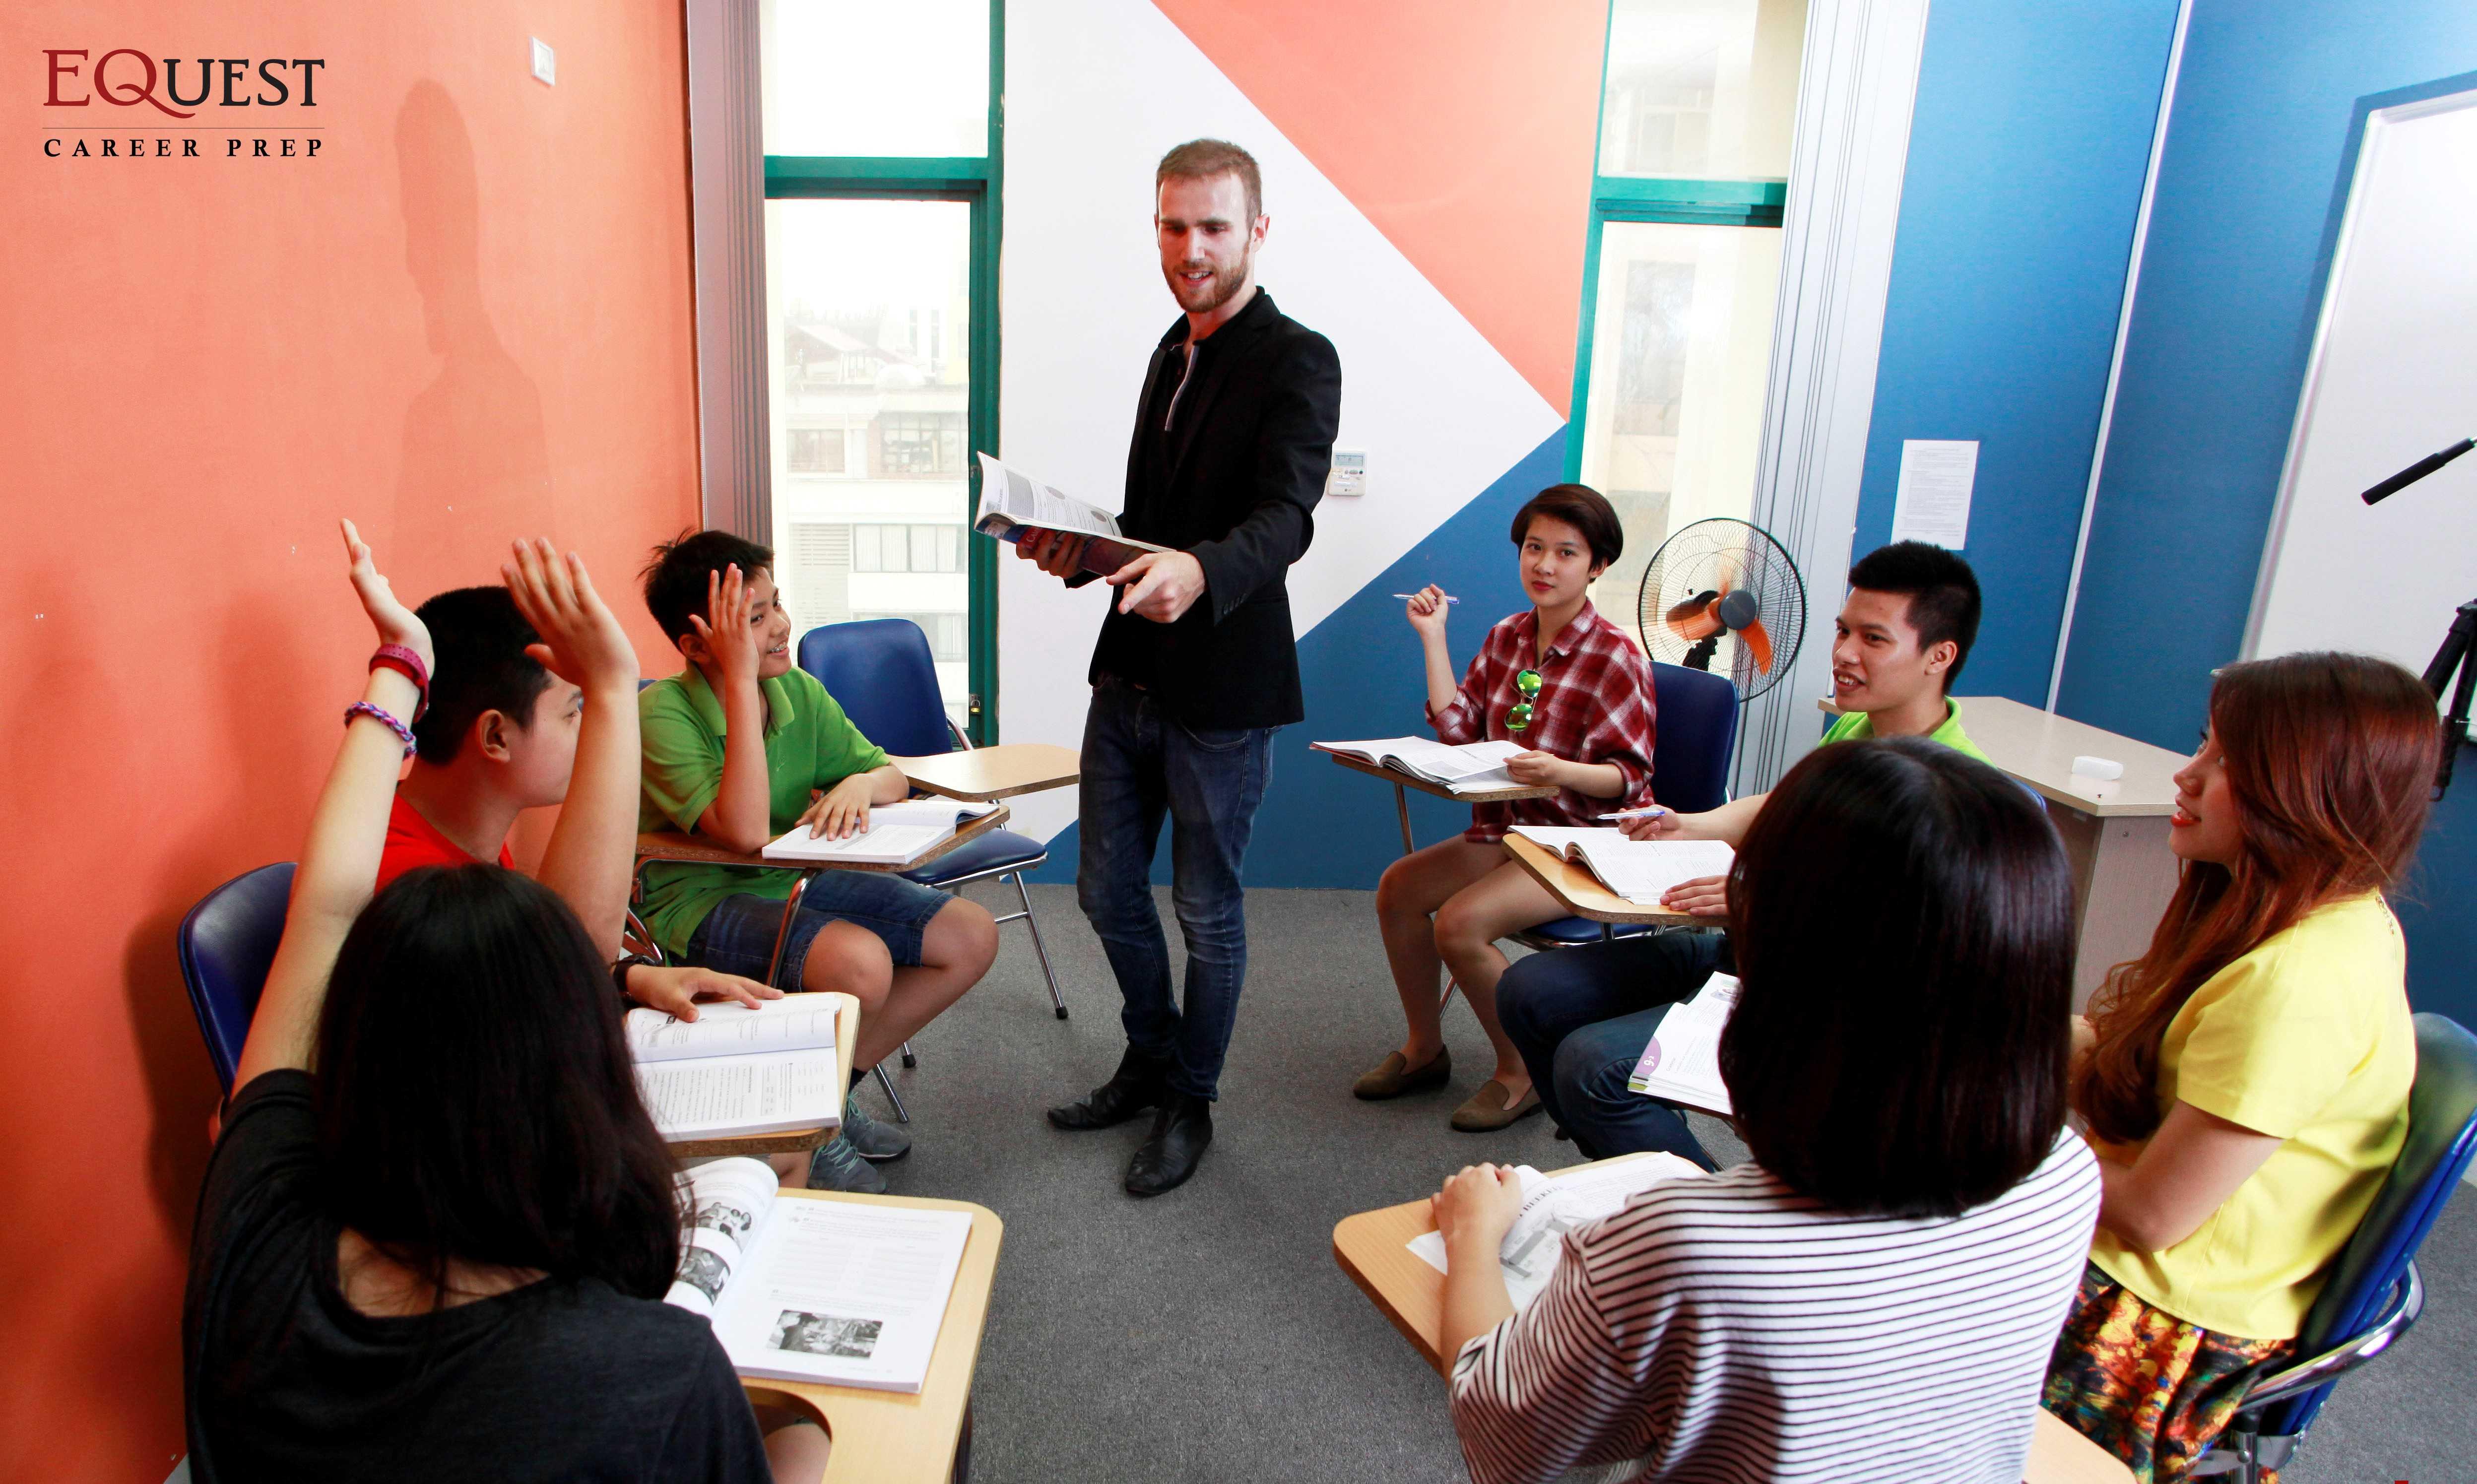 Tham dự khóa học, các học viên sẽ được giao tiếp với người bản ngữ.